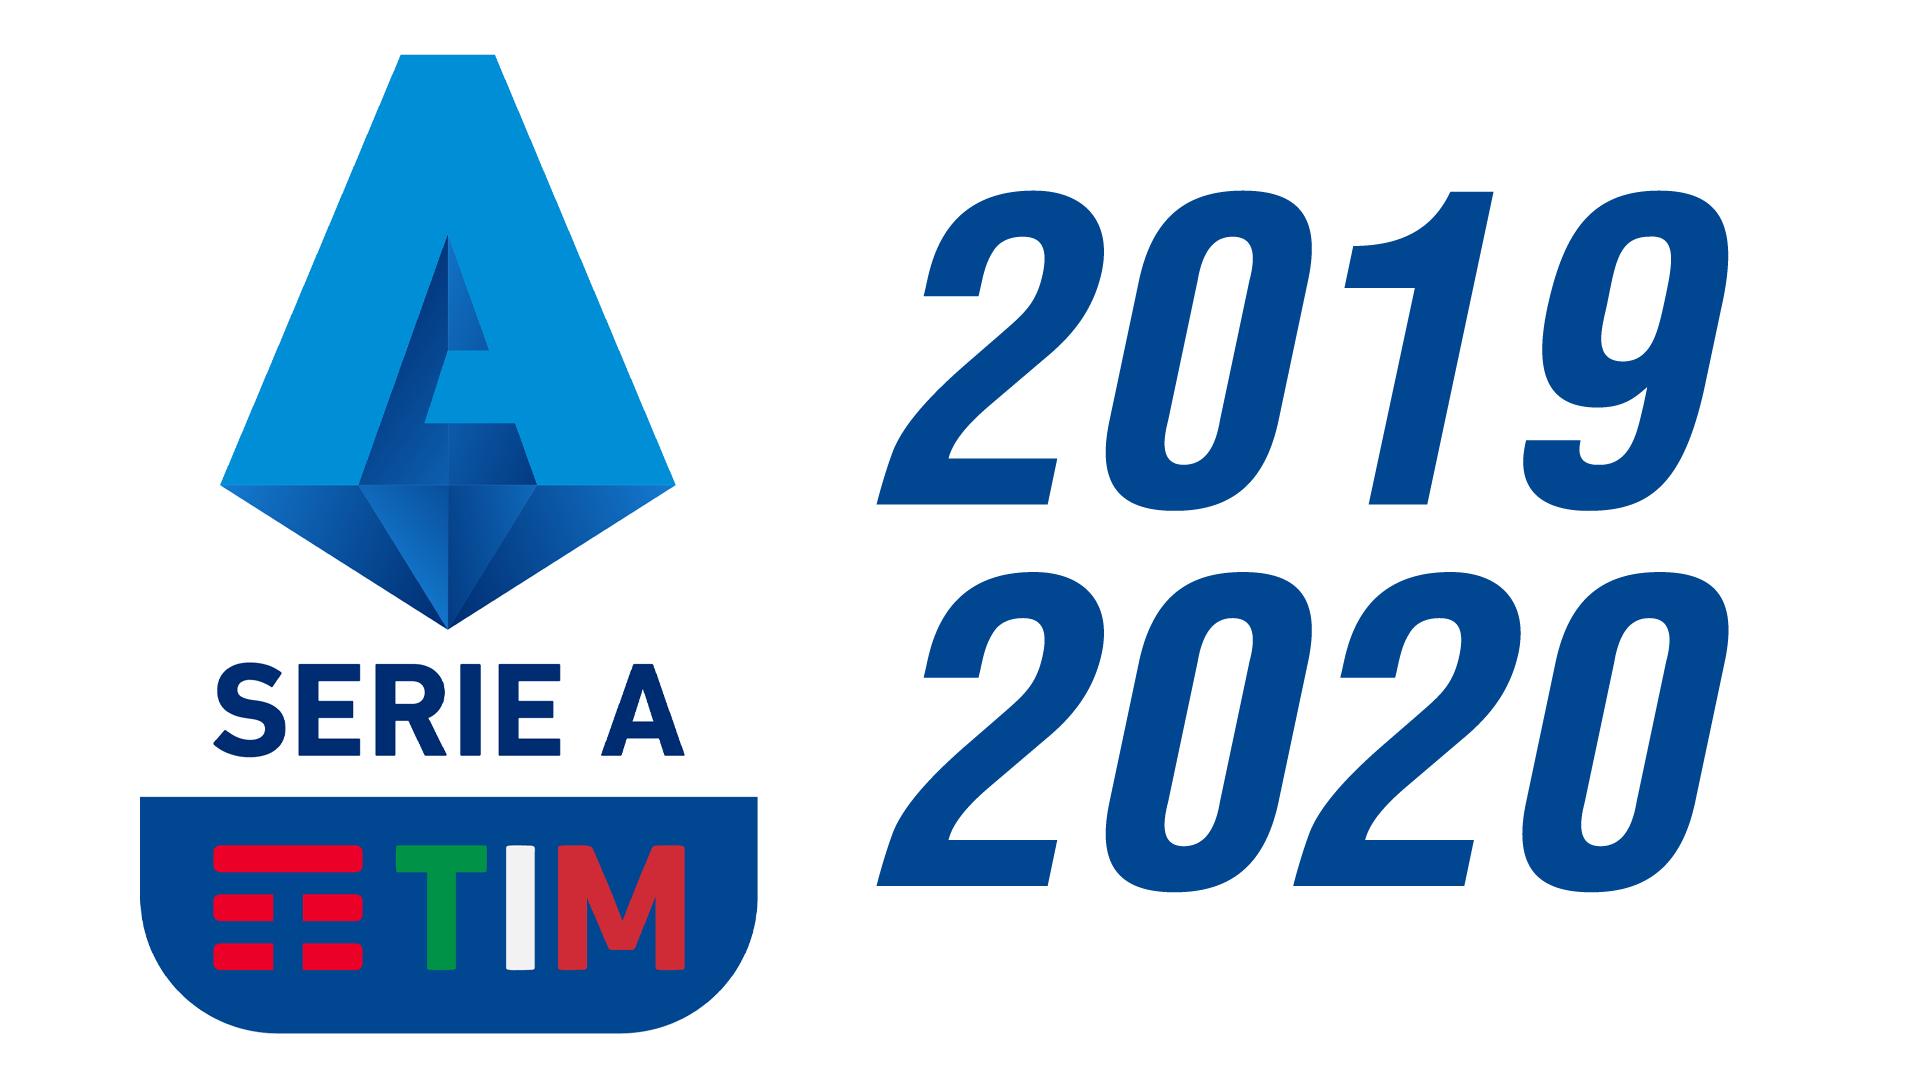 Campionato Serie A Calendario.Calendario Serie A 2019 2020 Goal Com